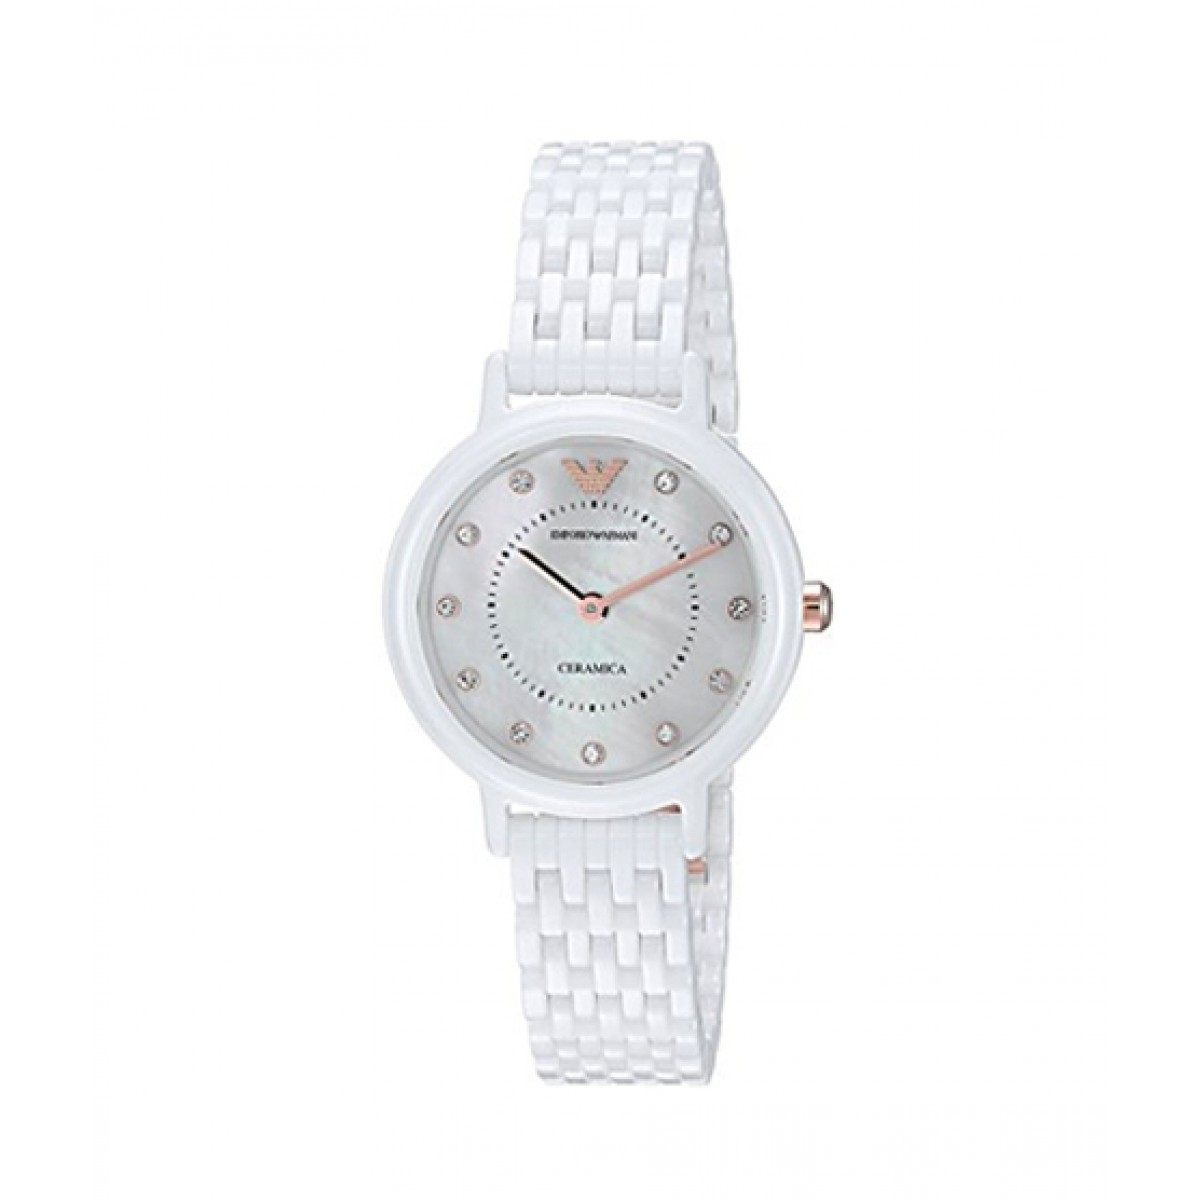 Emporio Armani Quartz Ceramic Women s Watch Price in Pakistan  2a645fecca